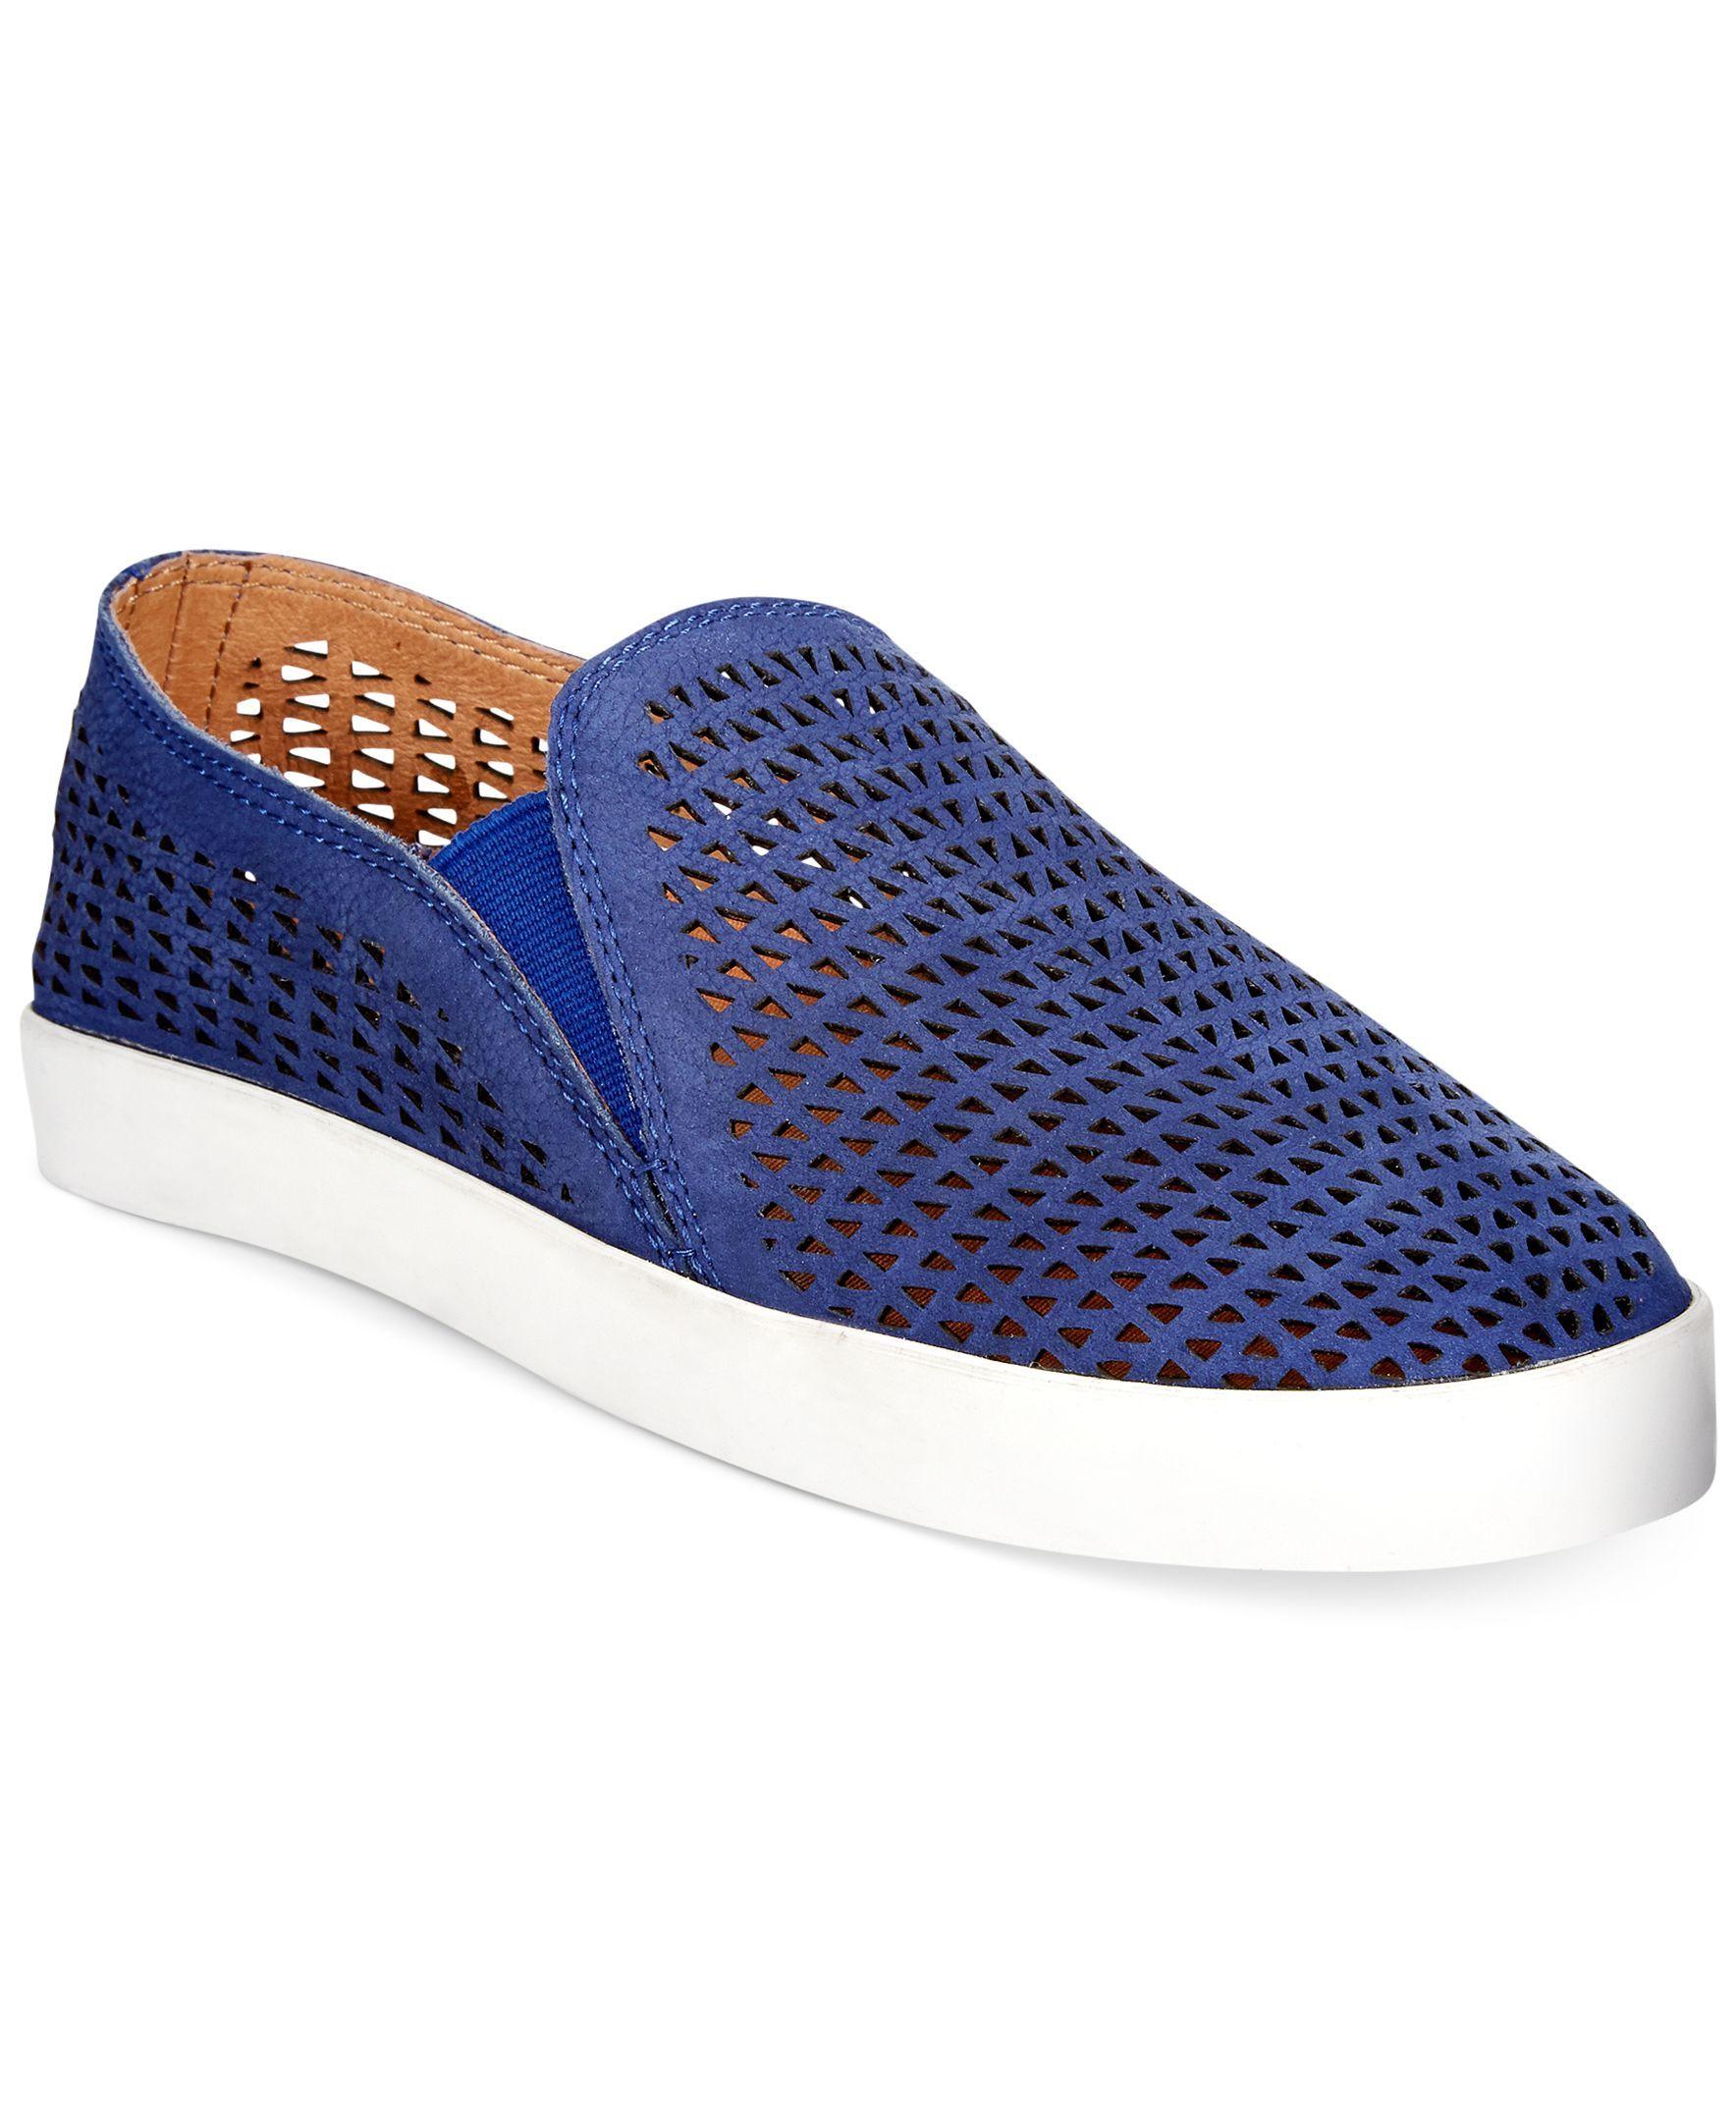 Corso Como Long Beach Sneakers